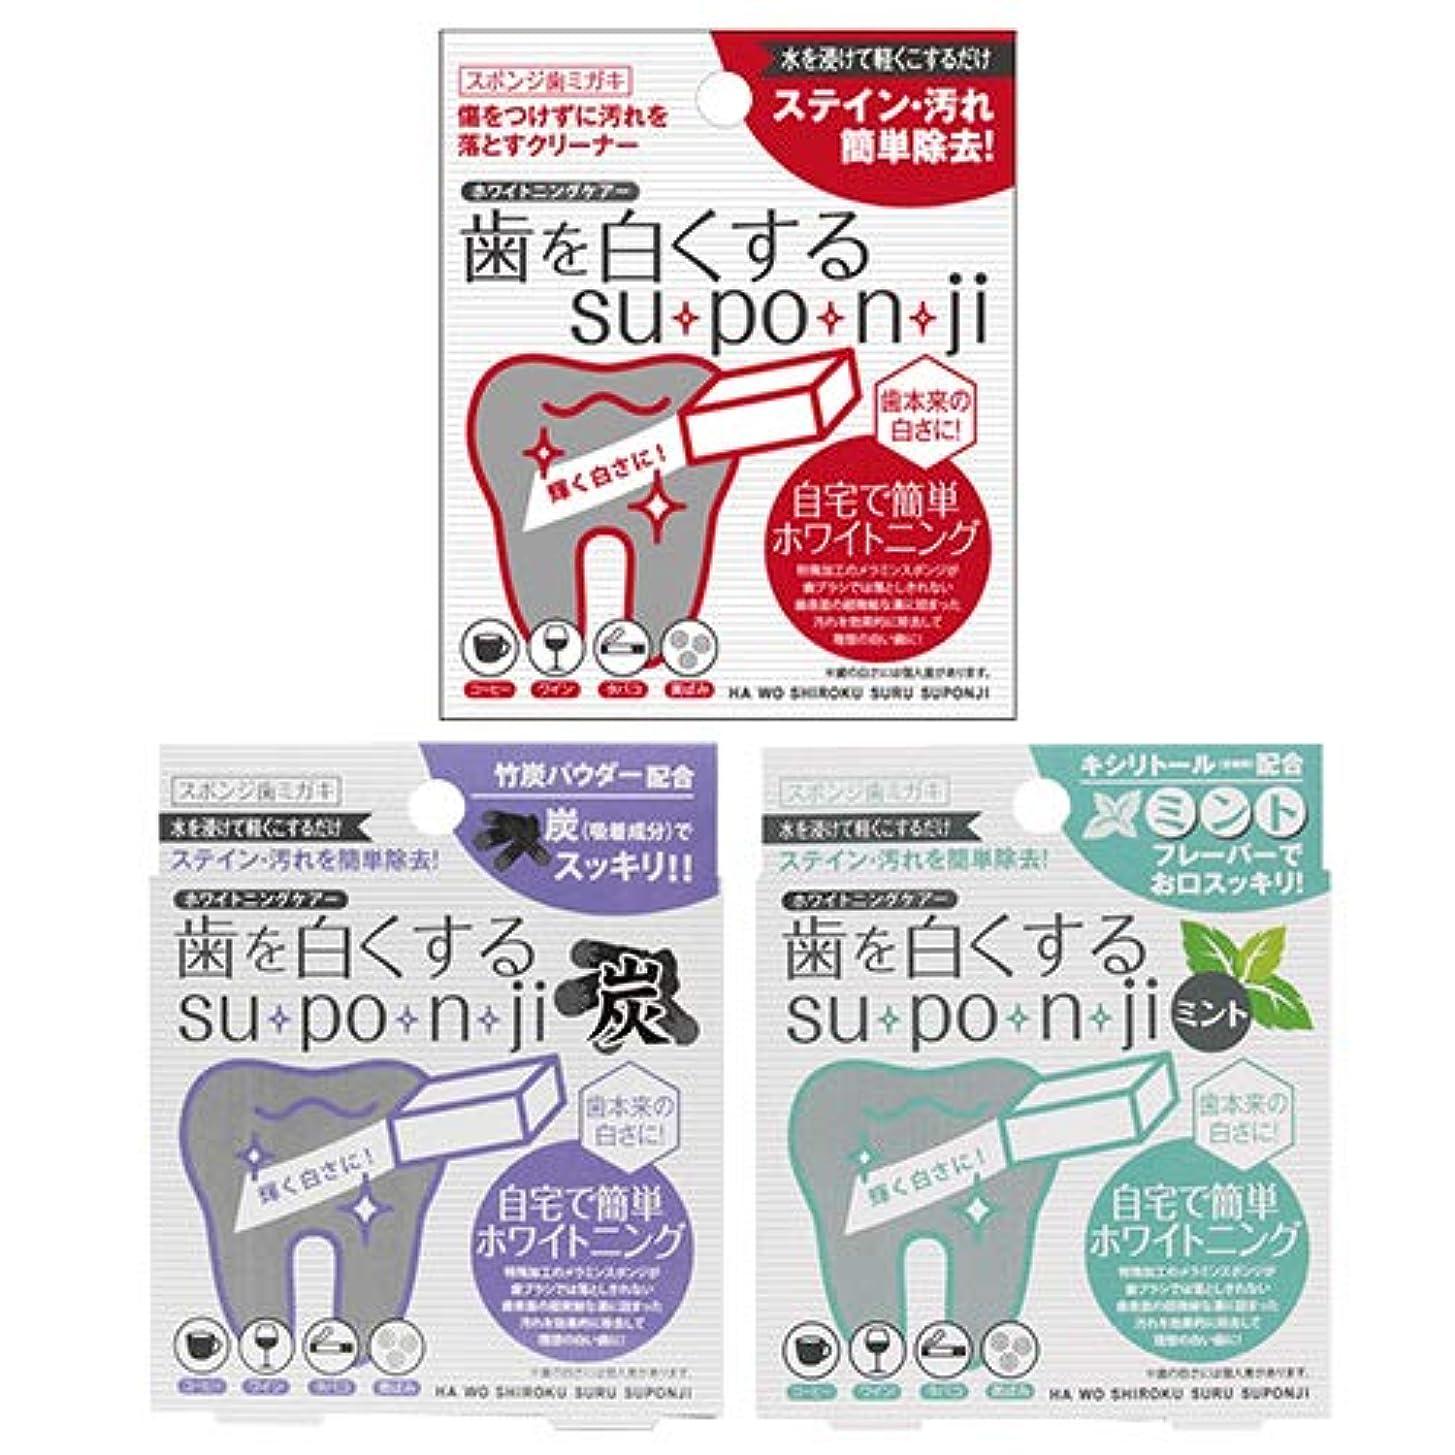 出口避ける外側歯を白くする su?po?n?ji 炭 スポンジ 歯みがき レギュラー+ミント+炭 3点セット + マウスウォッシュリブレ10ml